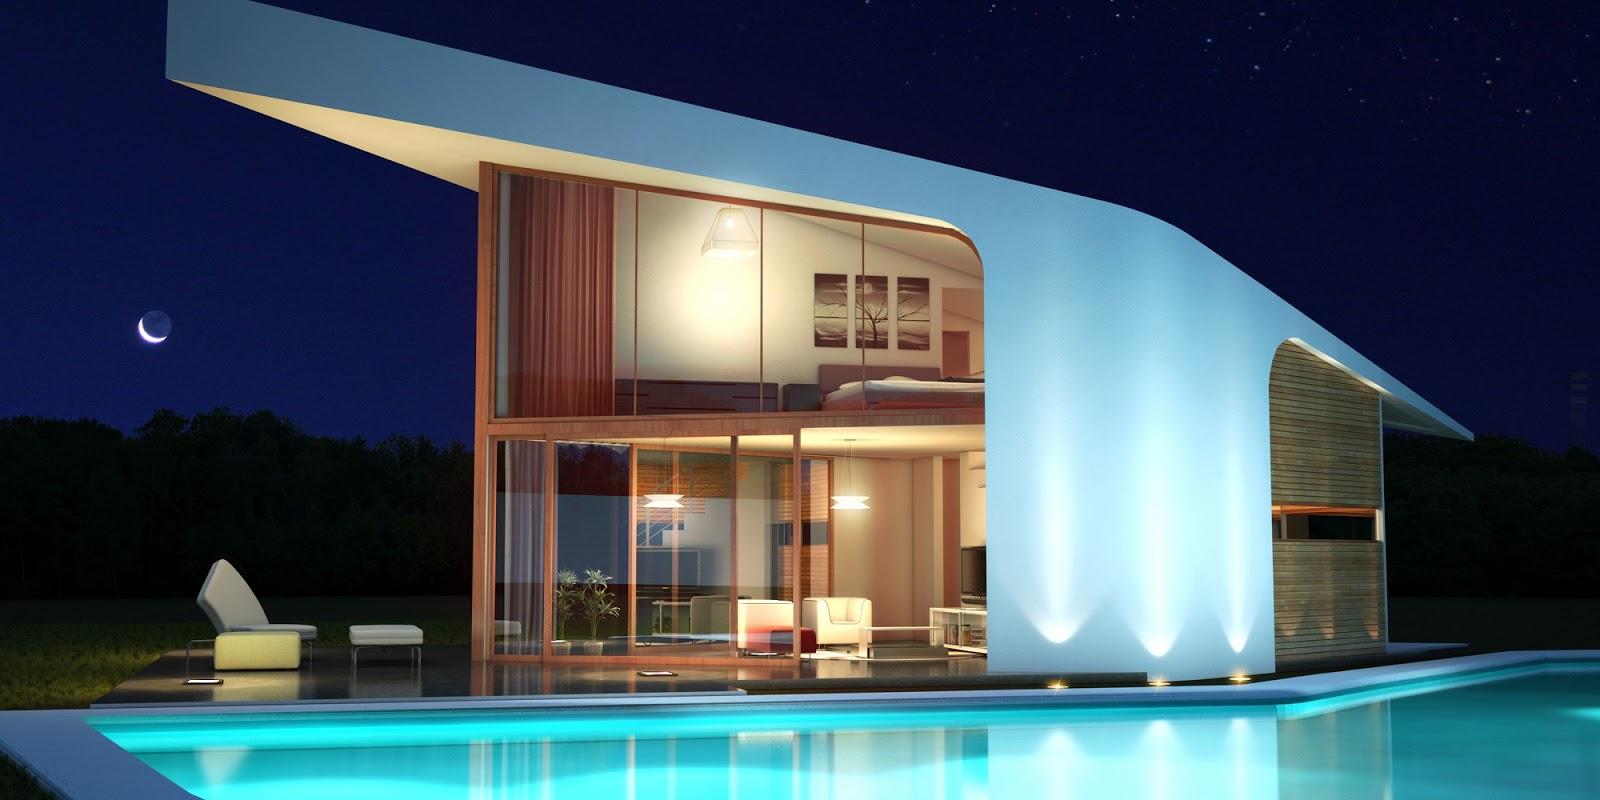 Adelante d - Casas prefabricadas low cost ...